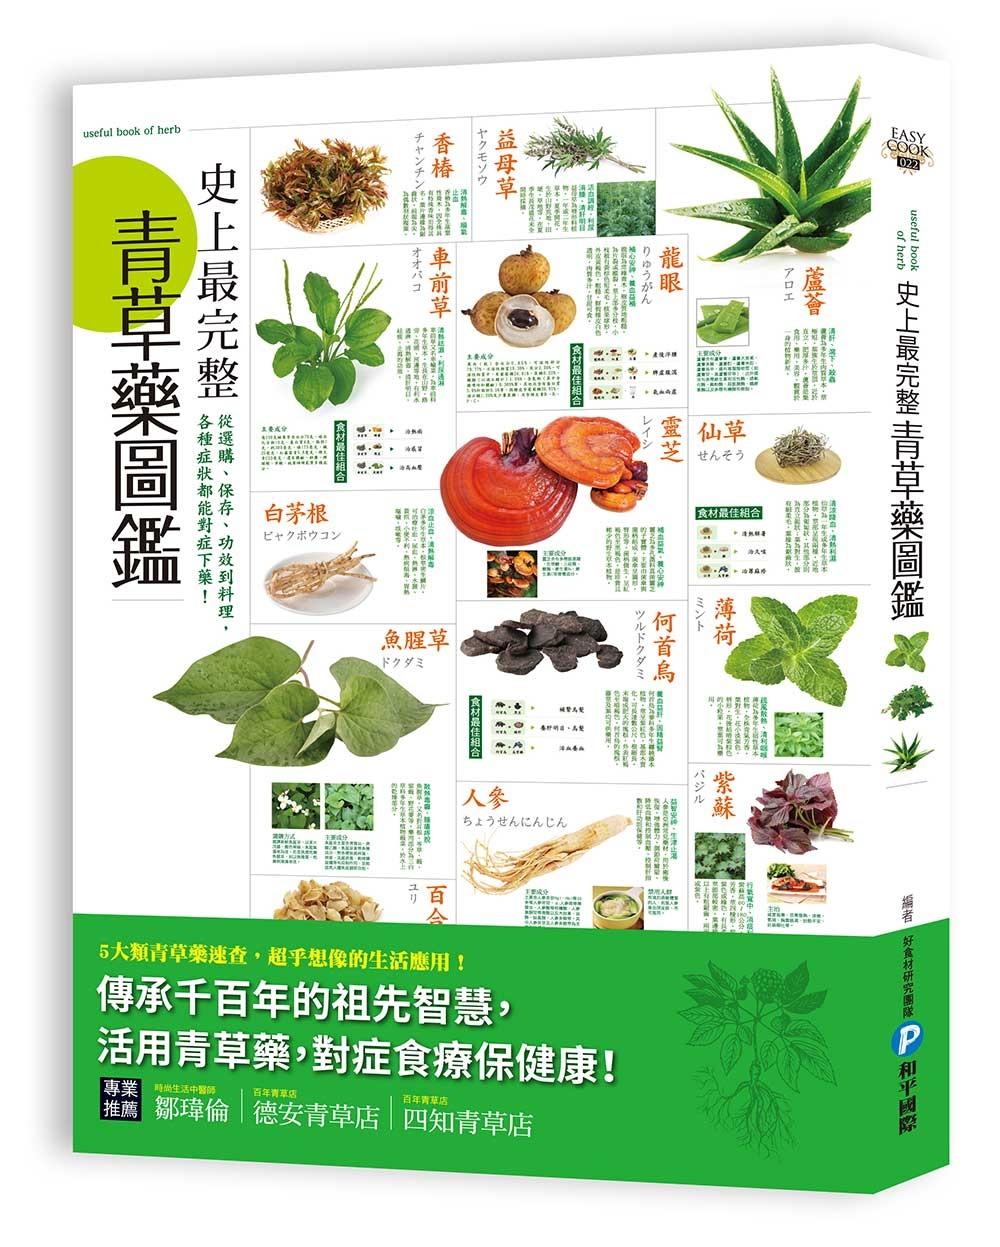 史上最完整青草藥圖鑑:從選購、保存、功效到料理,各種症狀都能對症下藥!